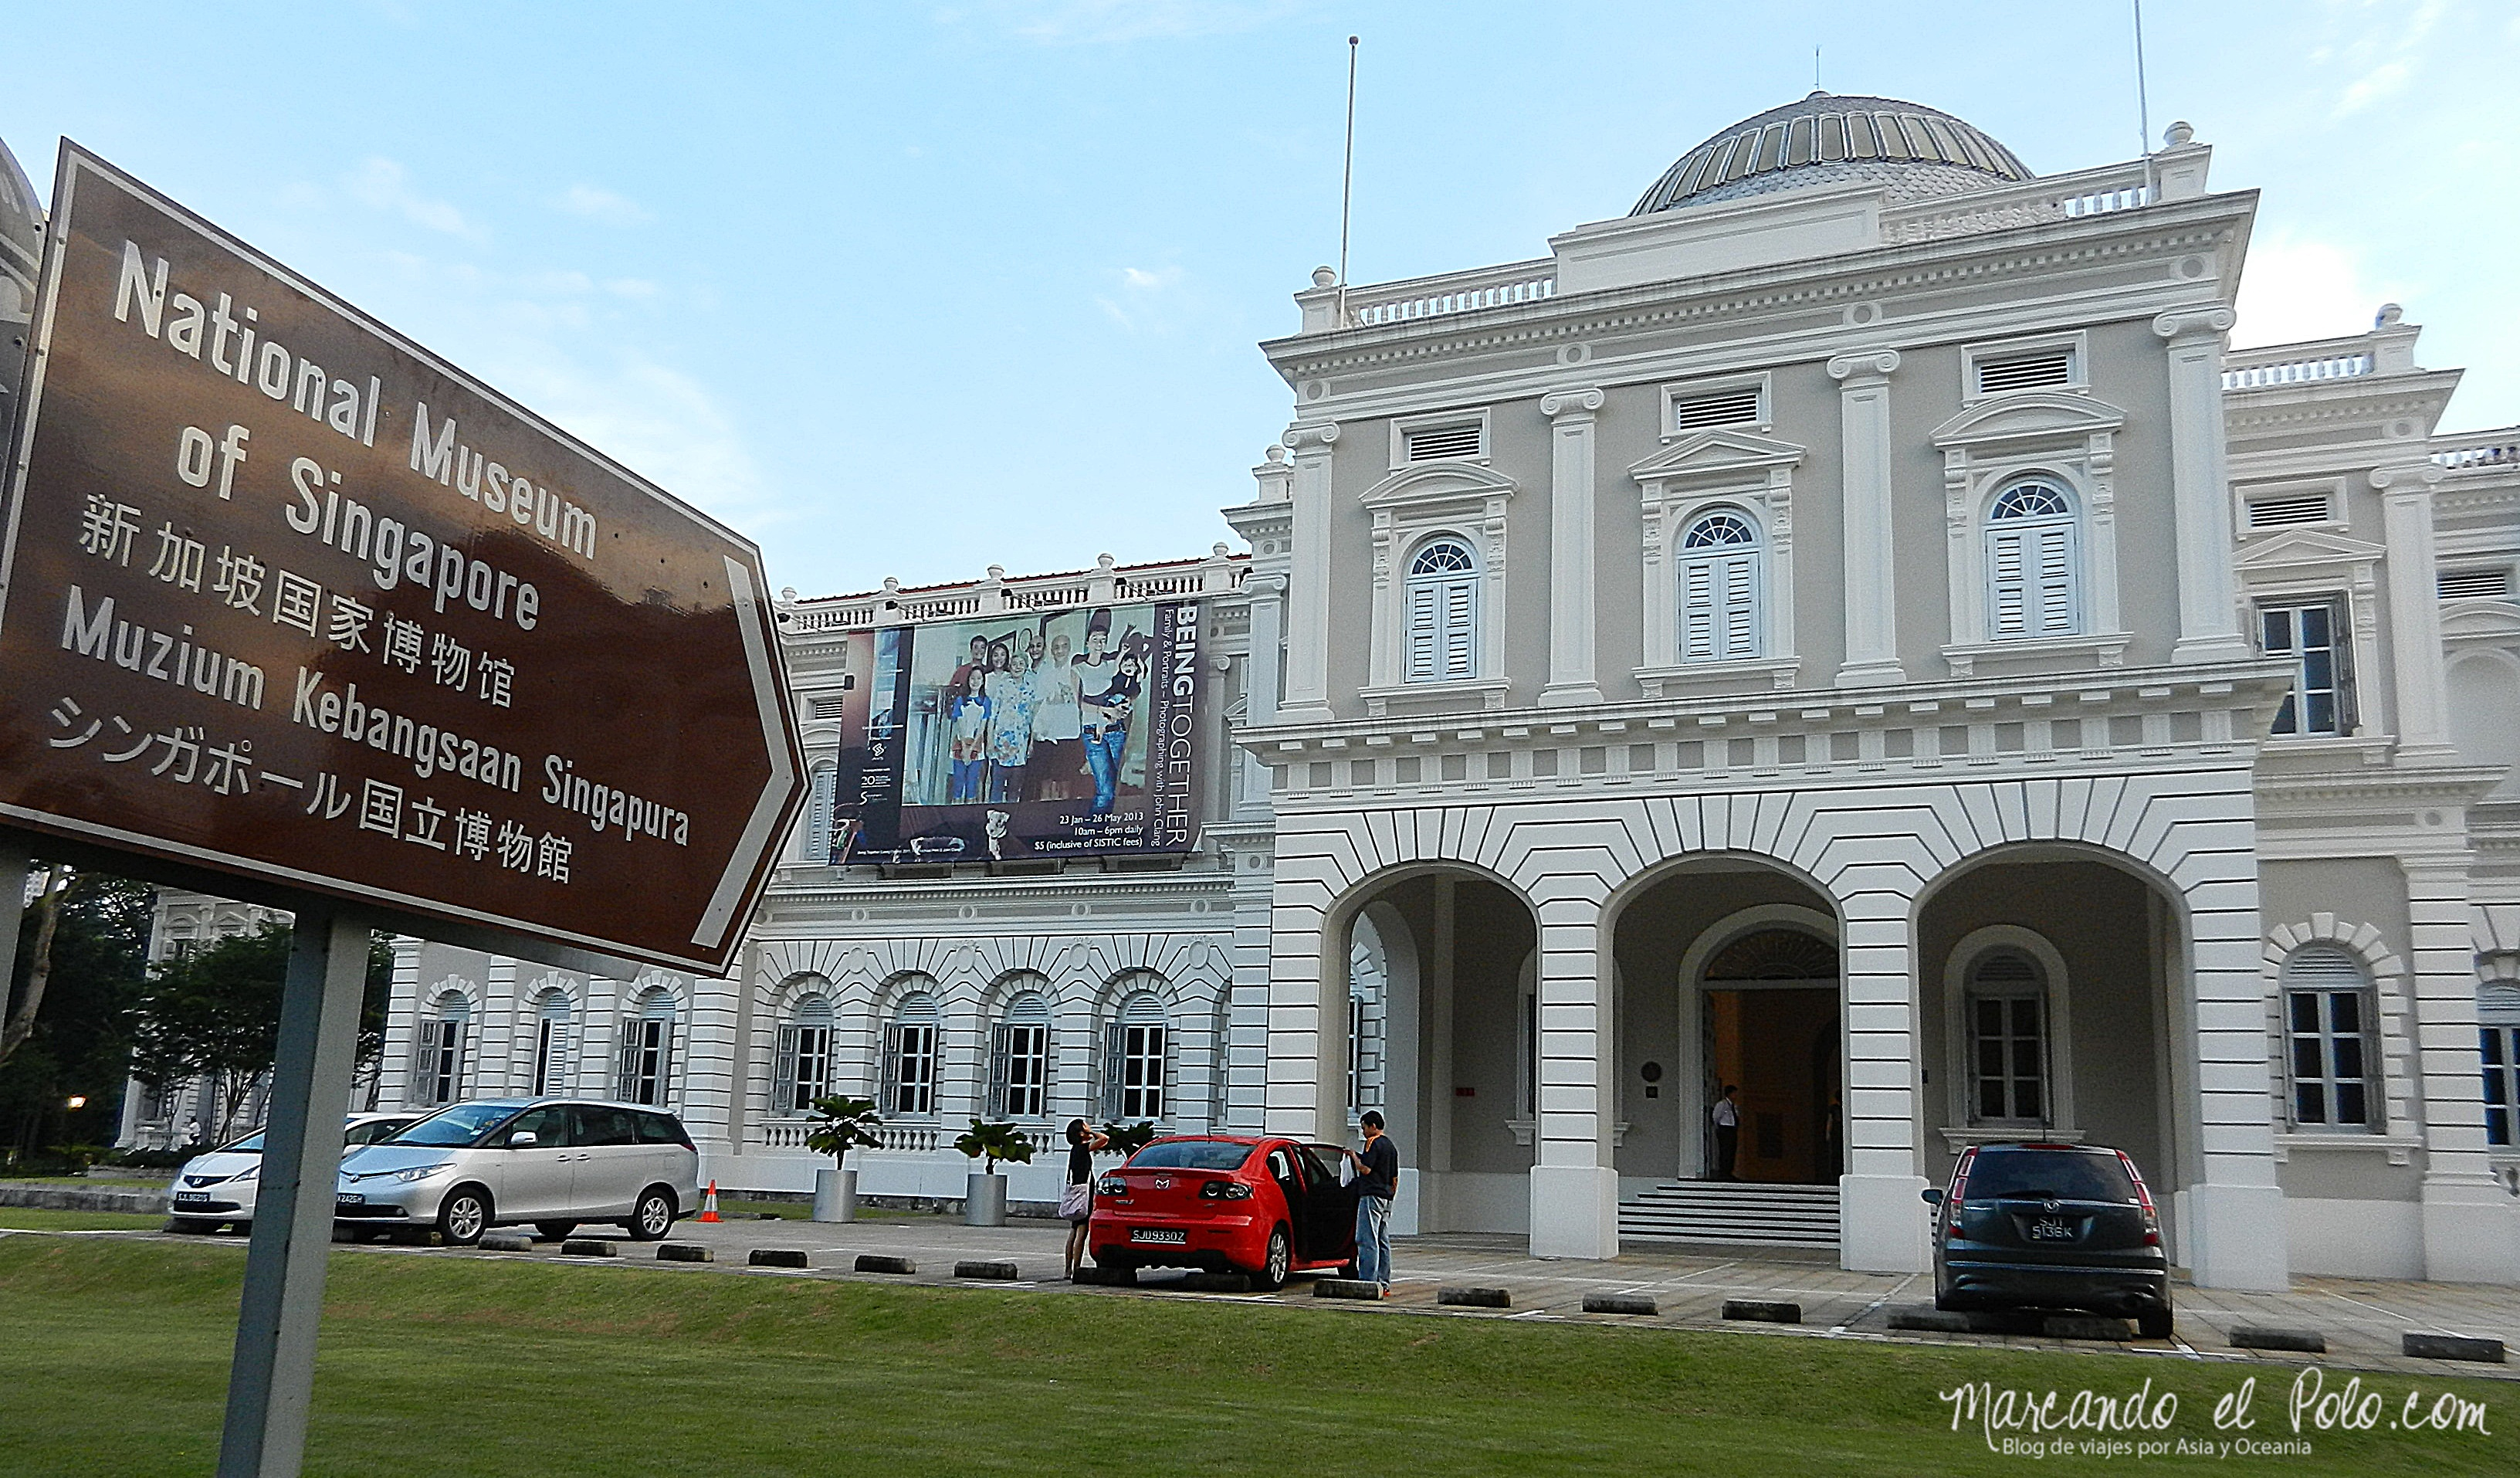 Cosas gratis en Singapur - National Museum